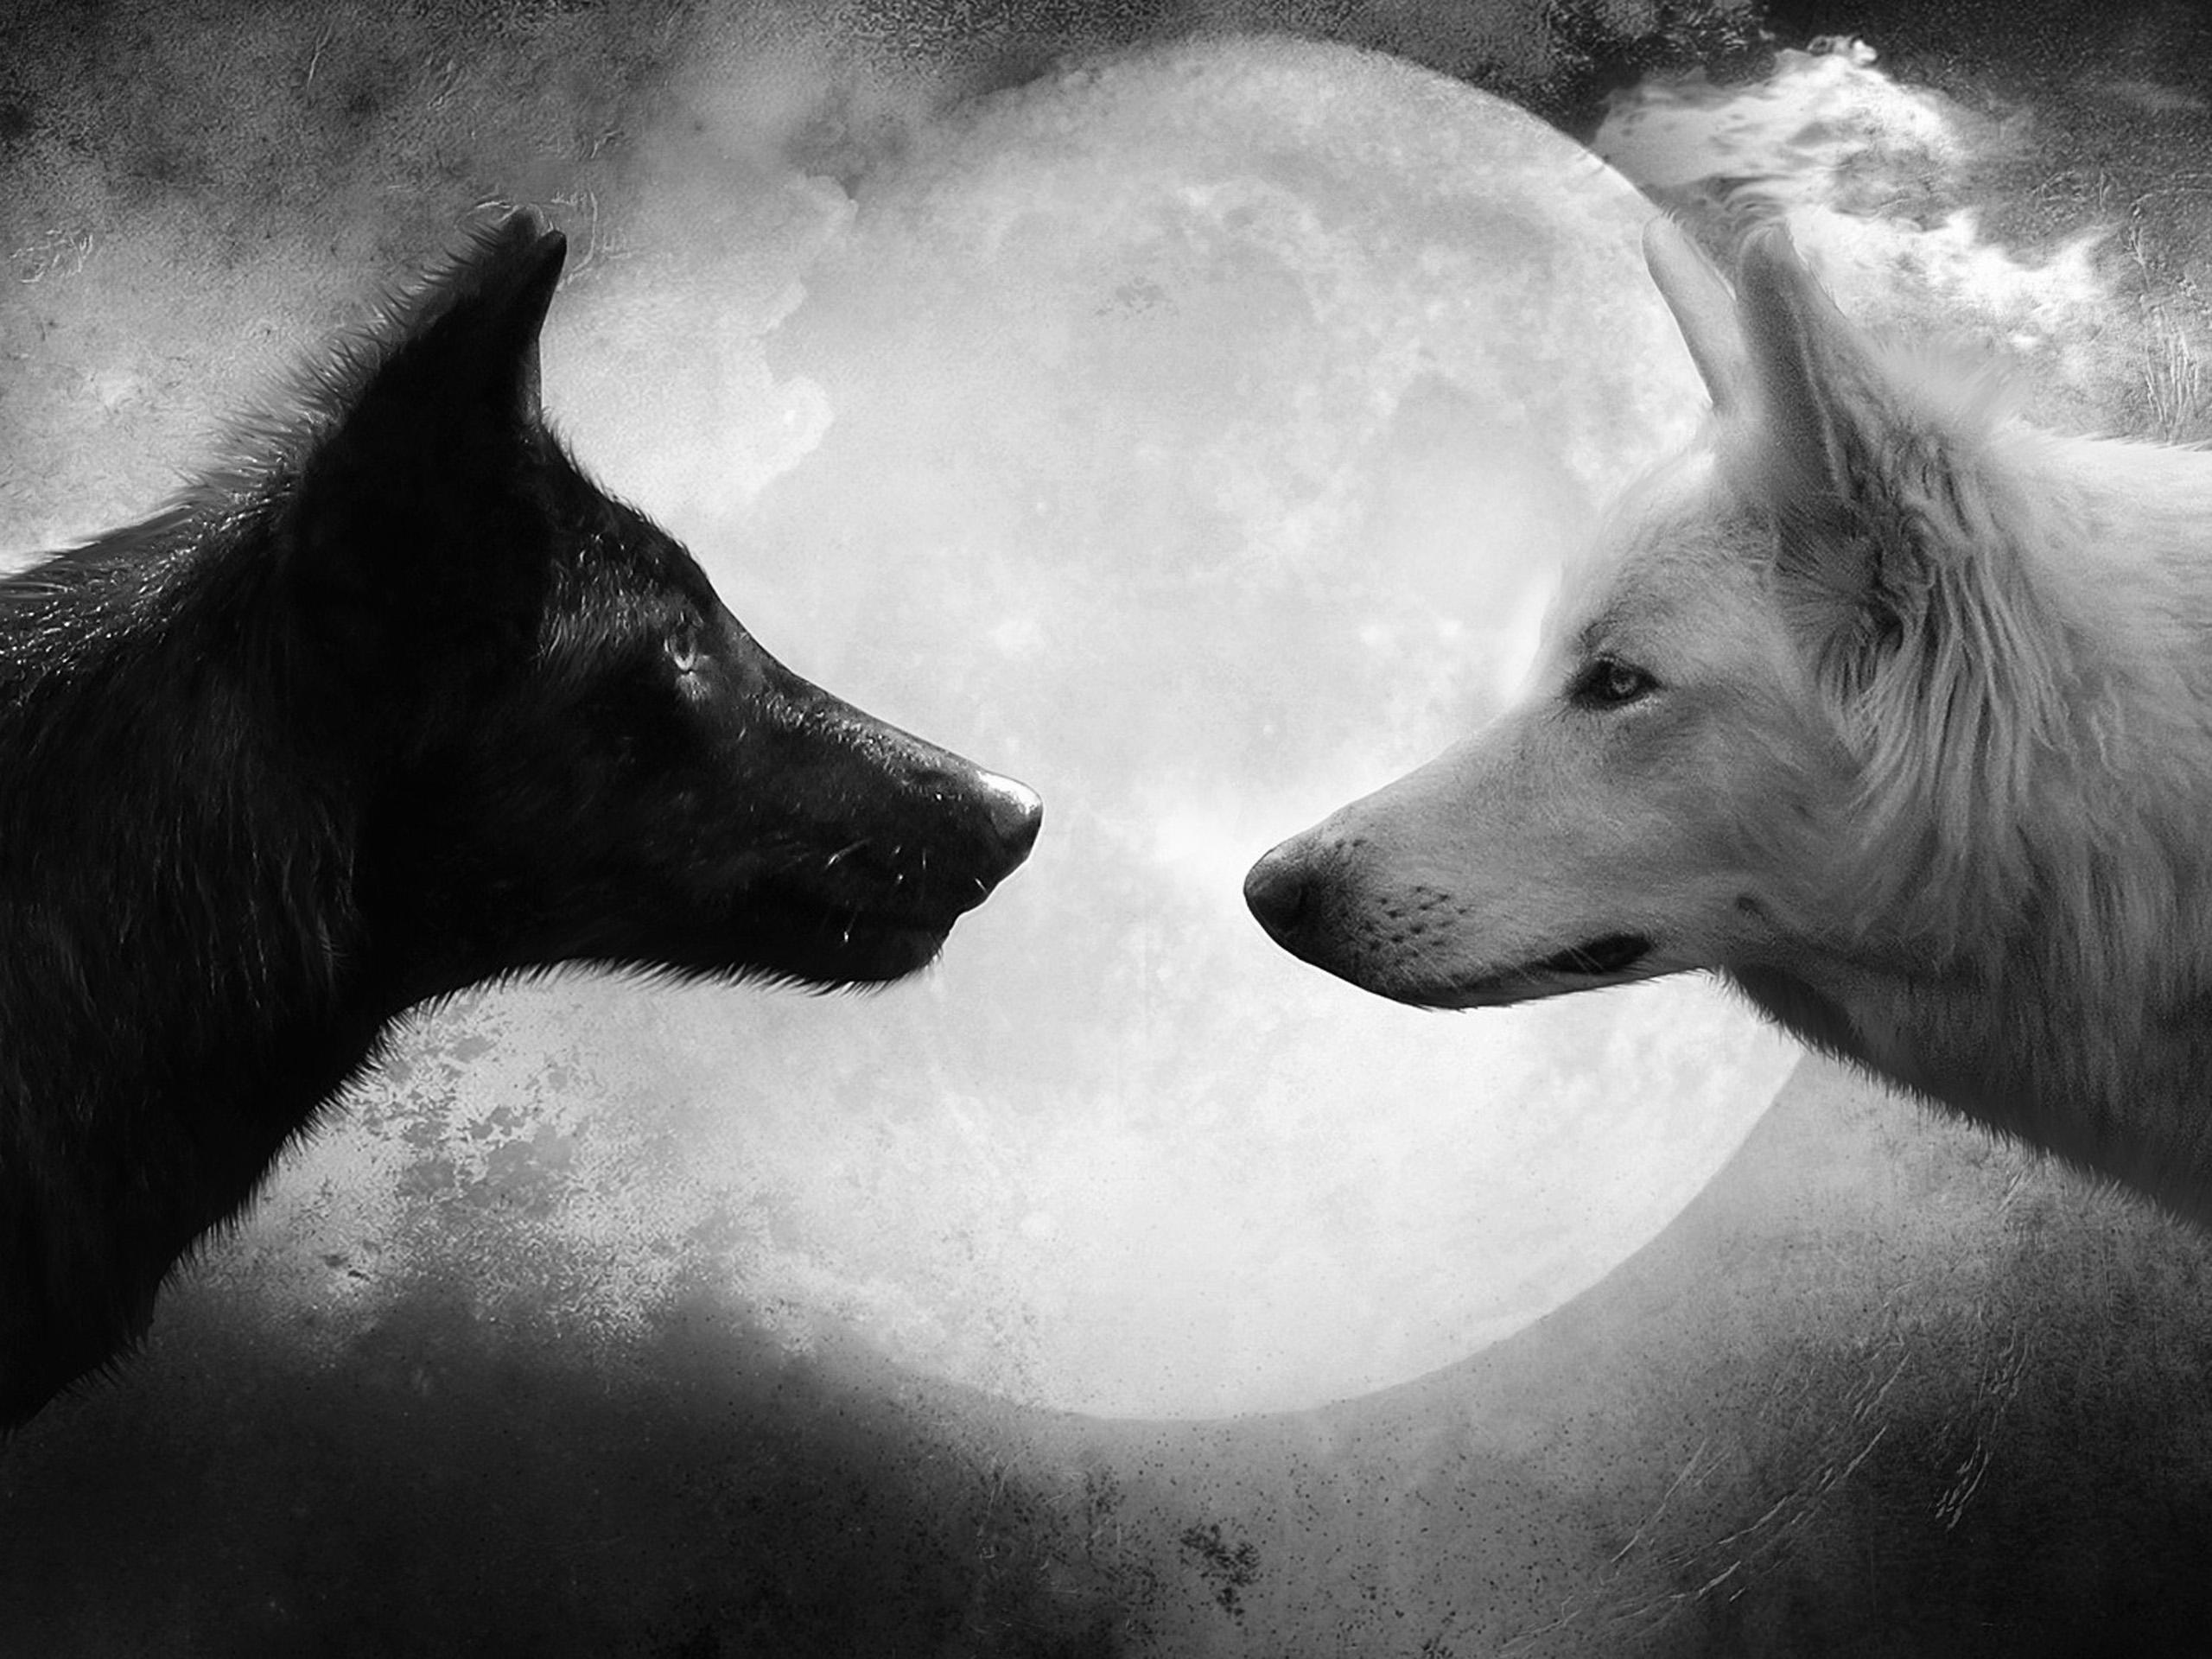 отдыхать волк черный и белый картинки совершенно